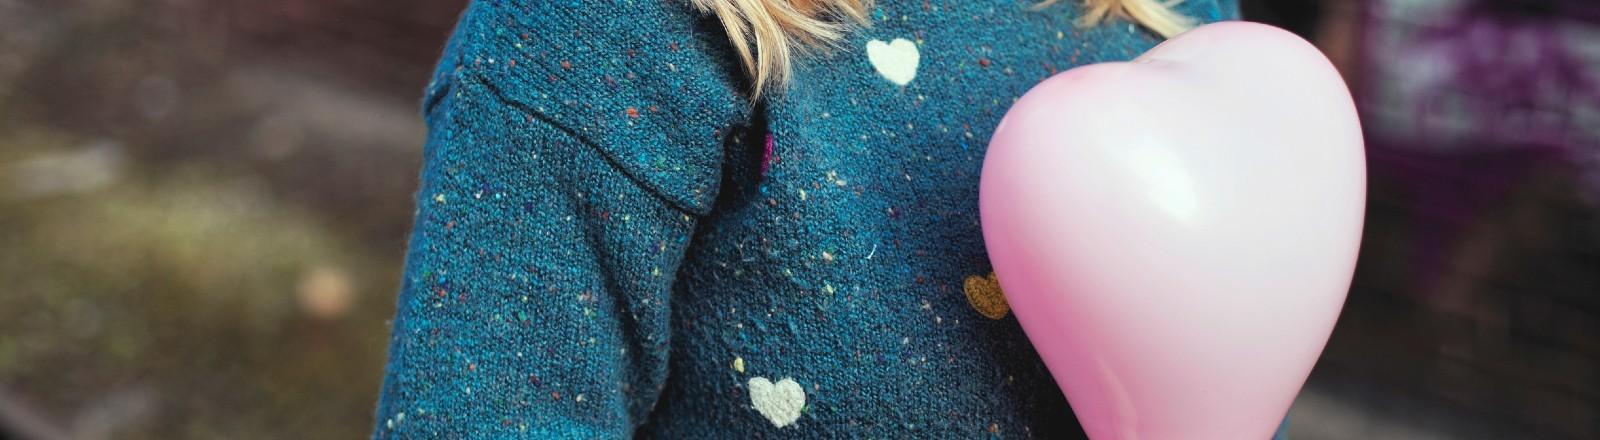 Junge Frau trägt einen Pulli mit bunten Herzen und hält einen Luftballon in Herzform in der Hand.